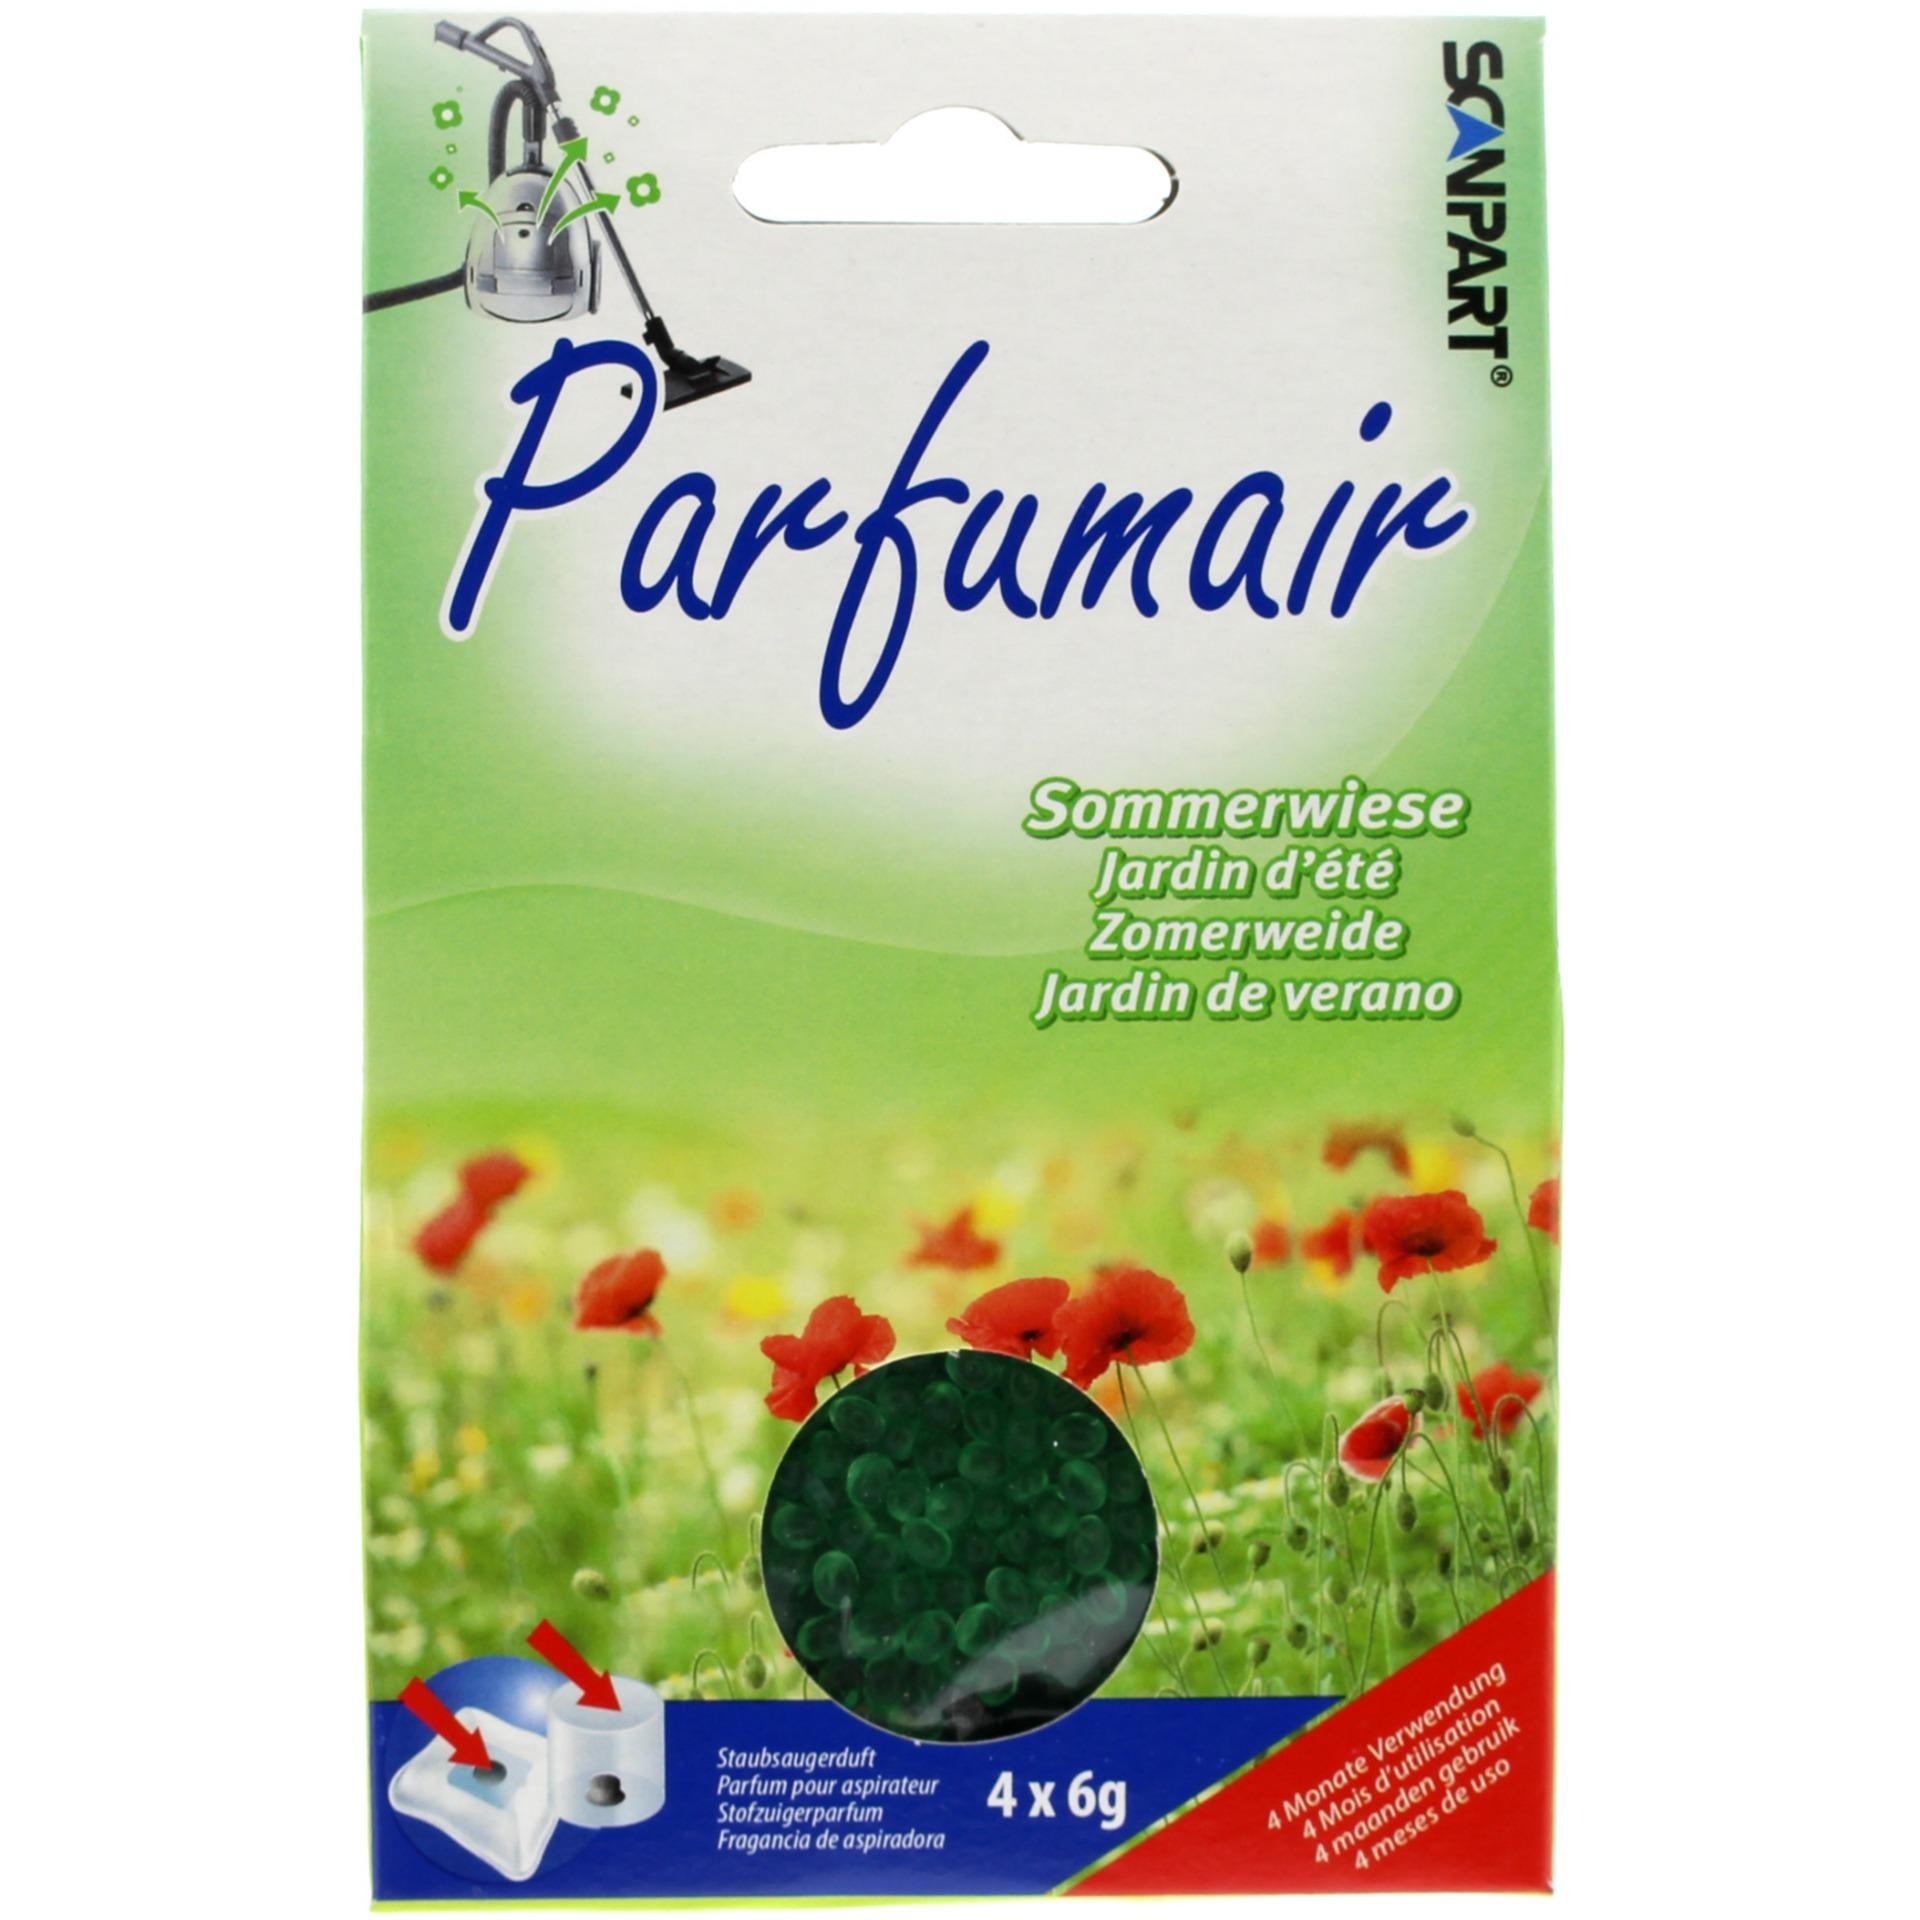 Korting Scanpart Parfumair geurparels zomerweide 4x6g stofzak